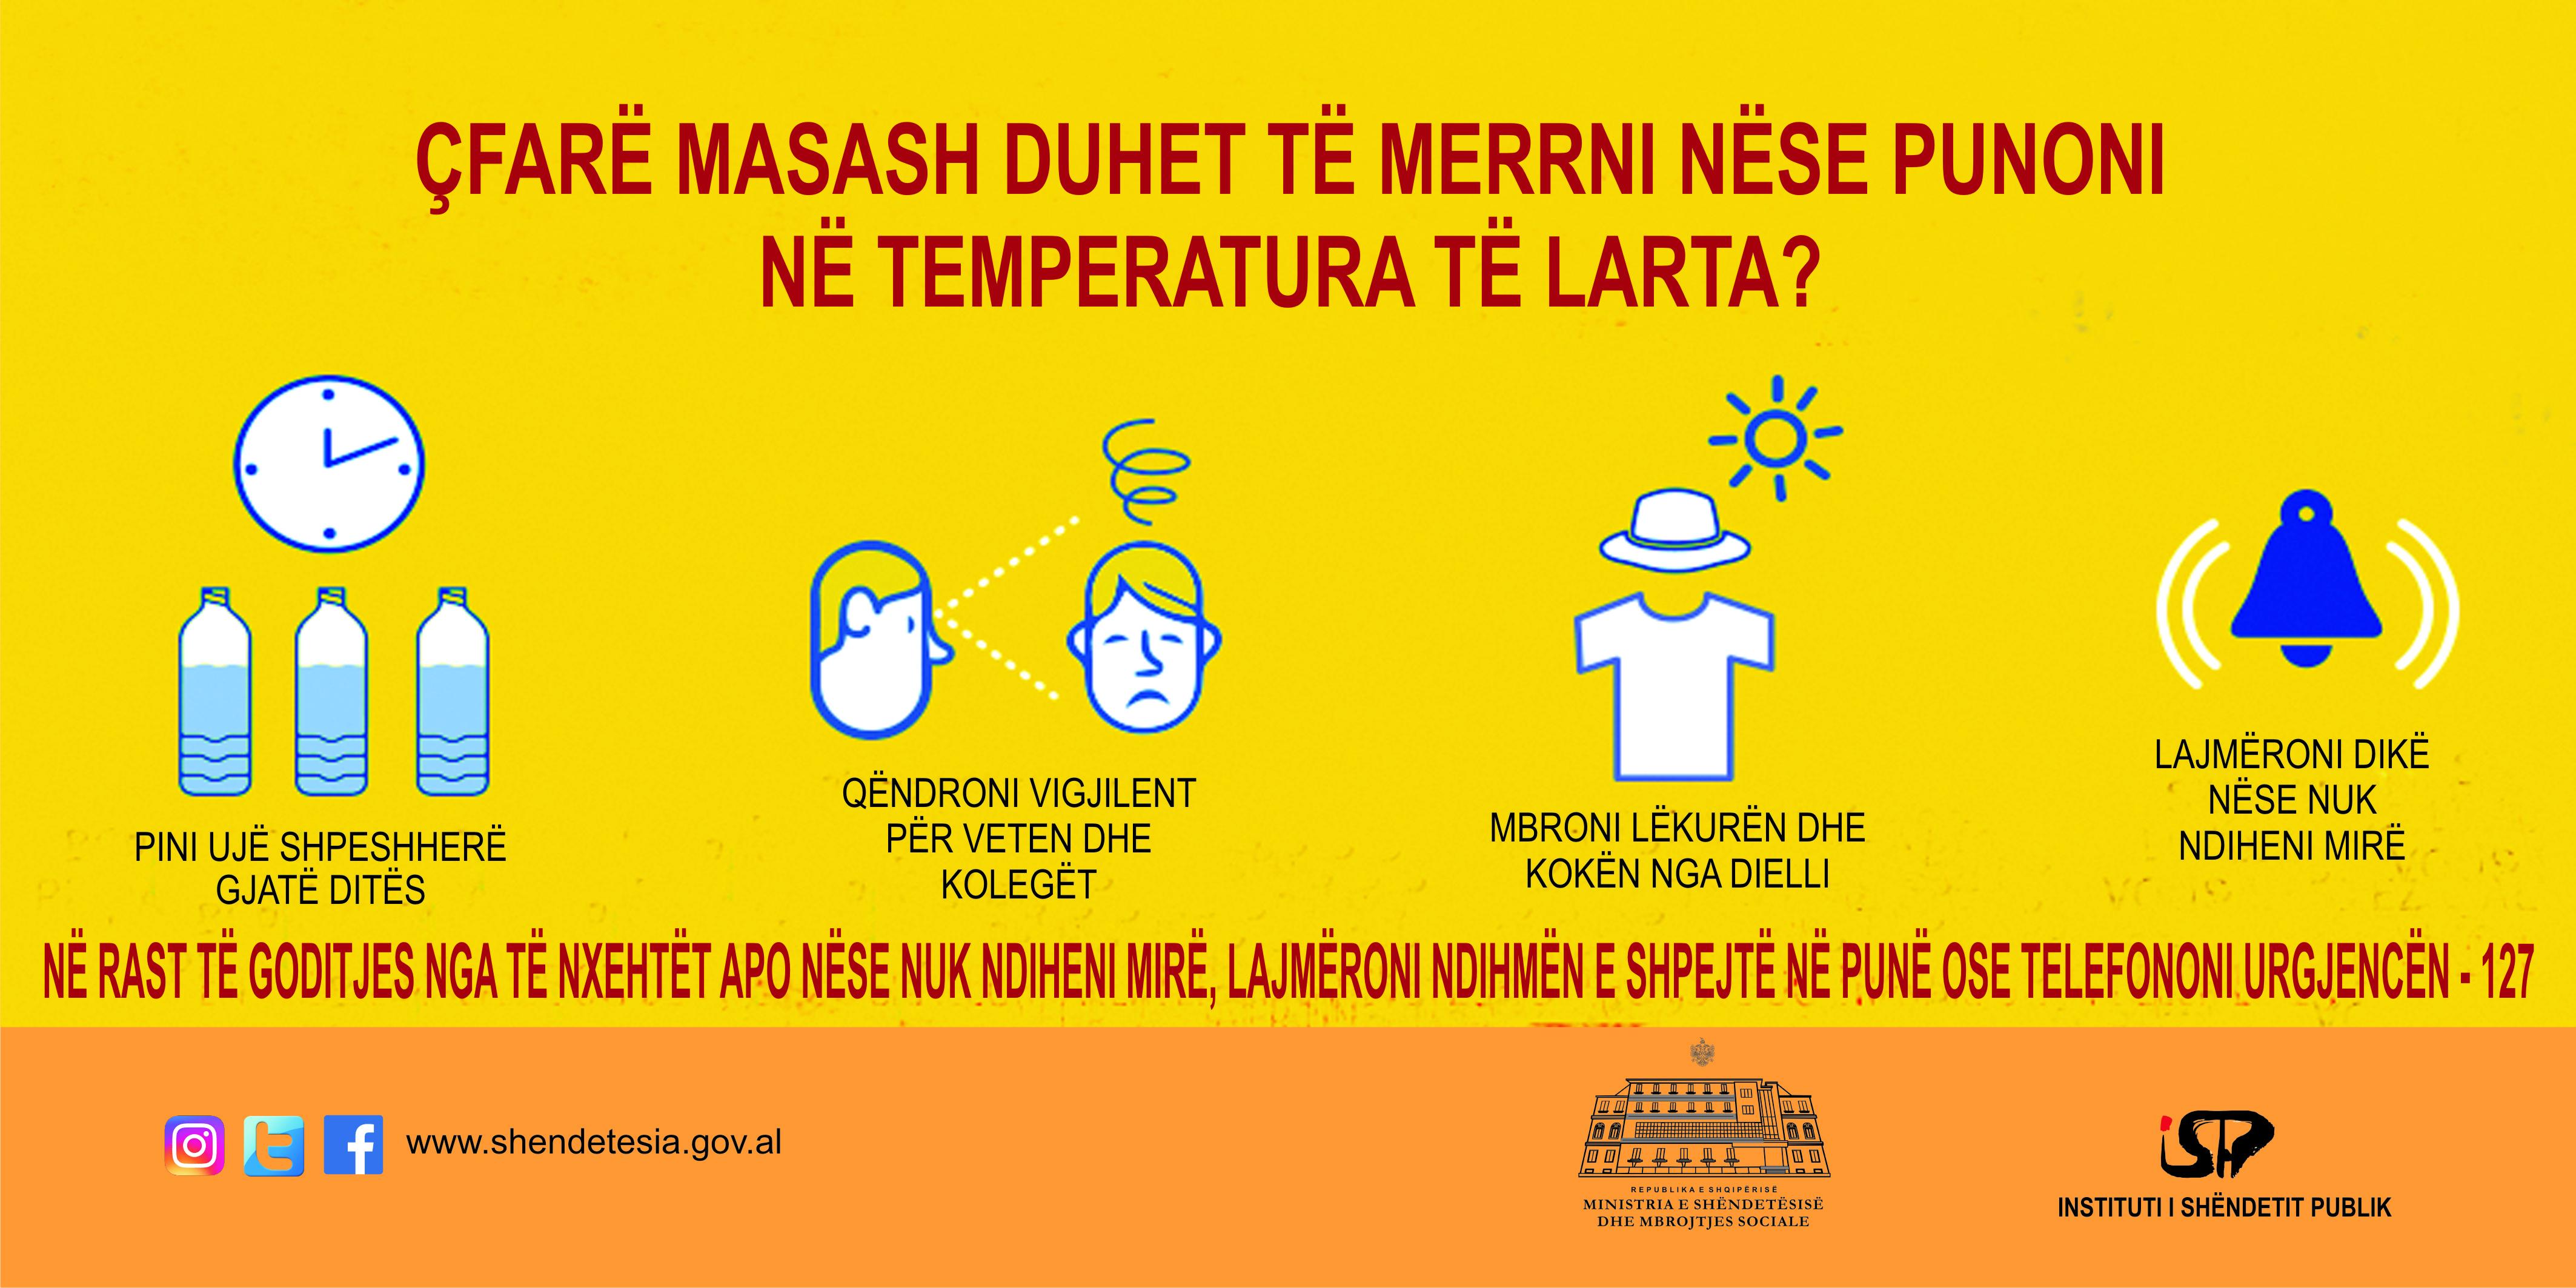 Poster_puna_temperatute_larte